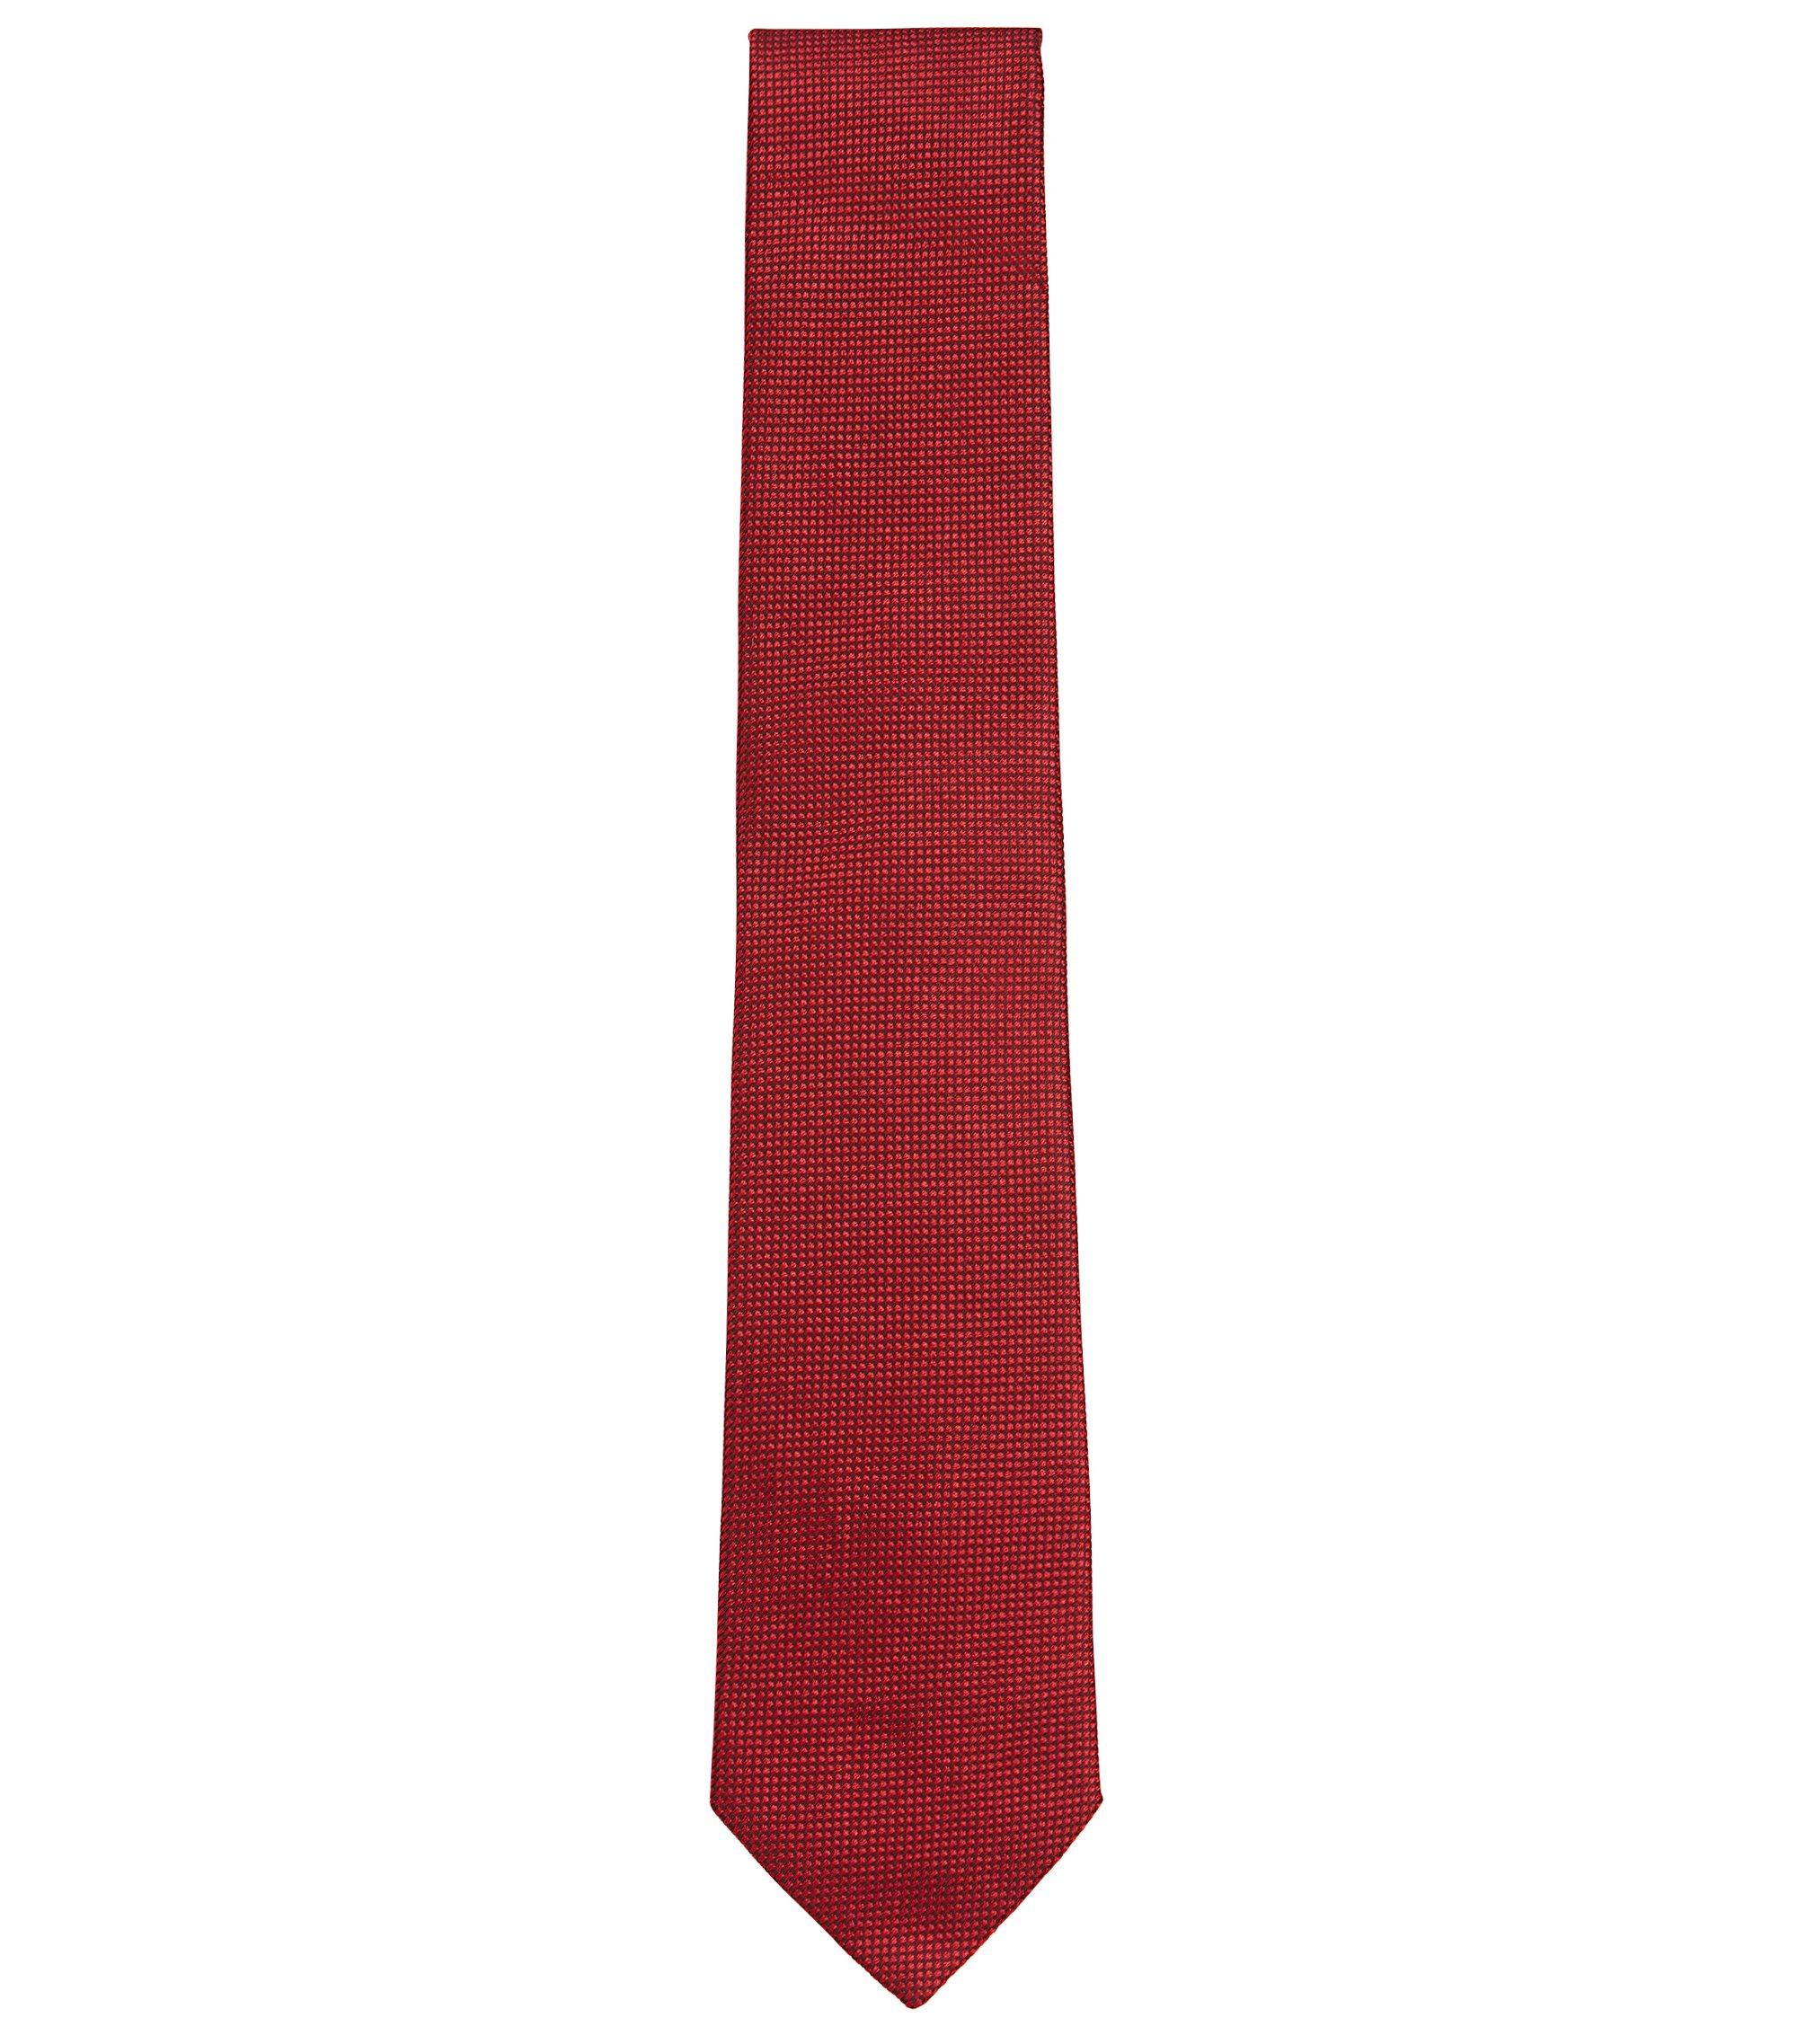 Cravatta in seta jacquard a disegni realizzata in Italia, Rosso